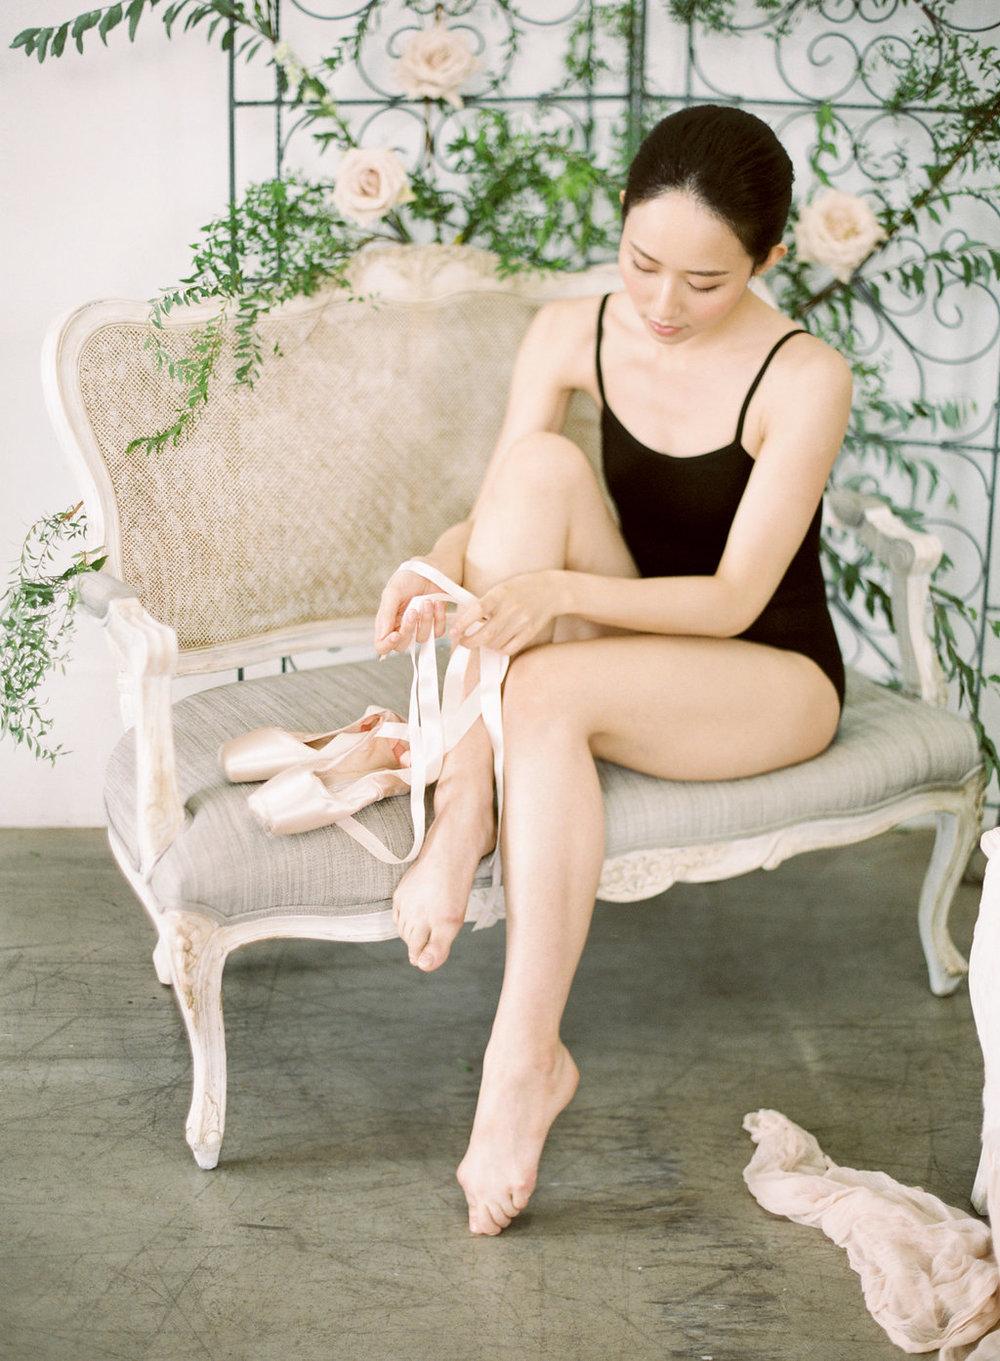 dancer_007.jpg